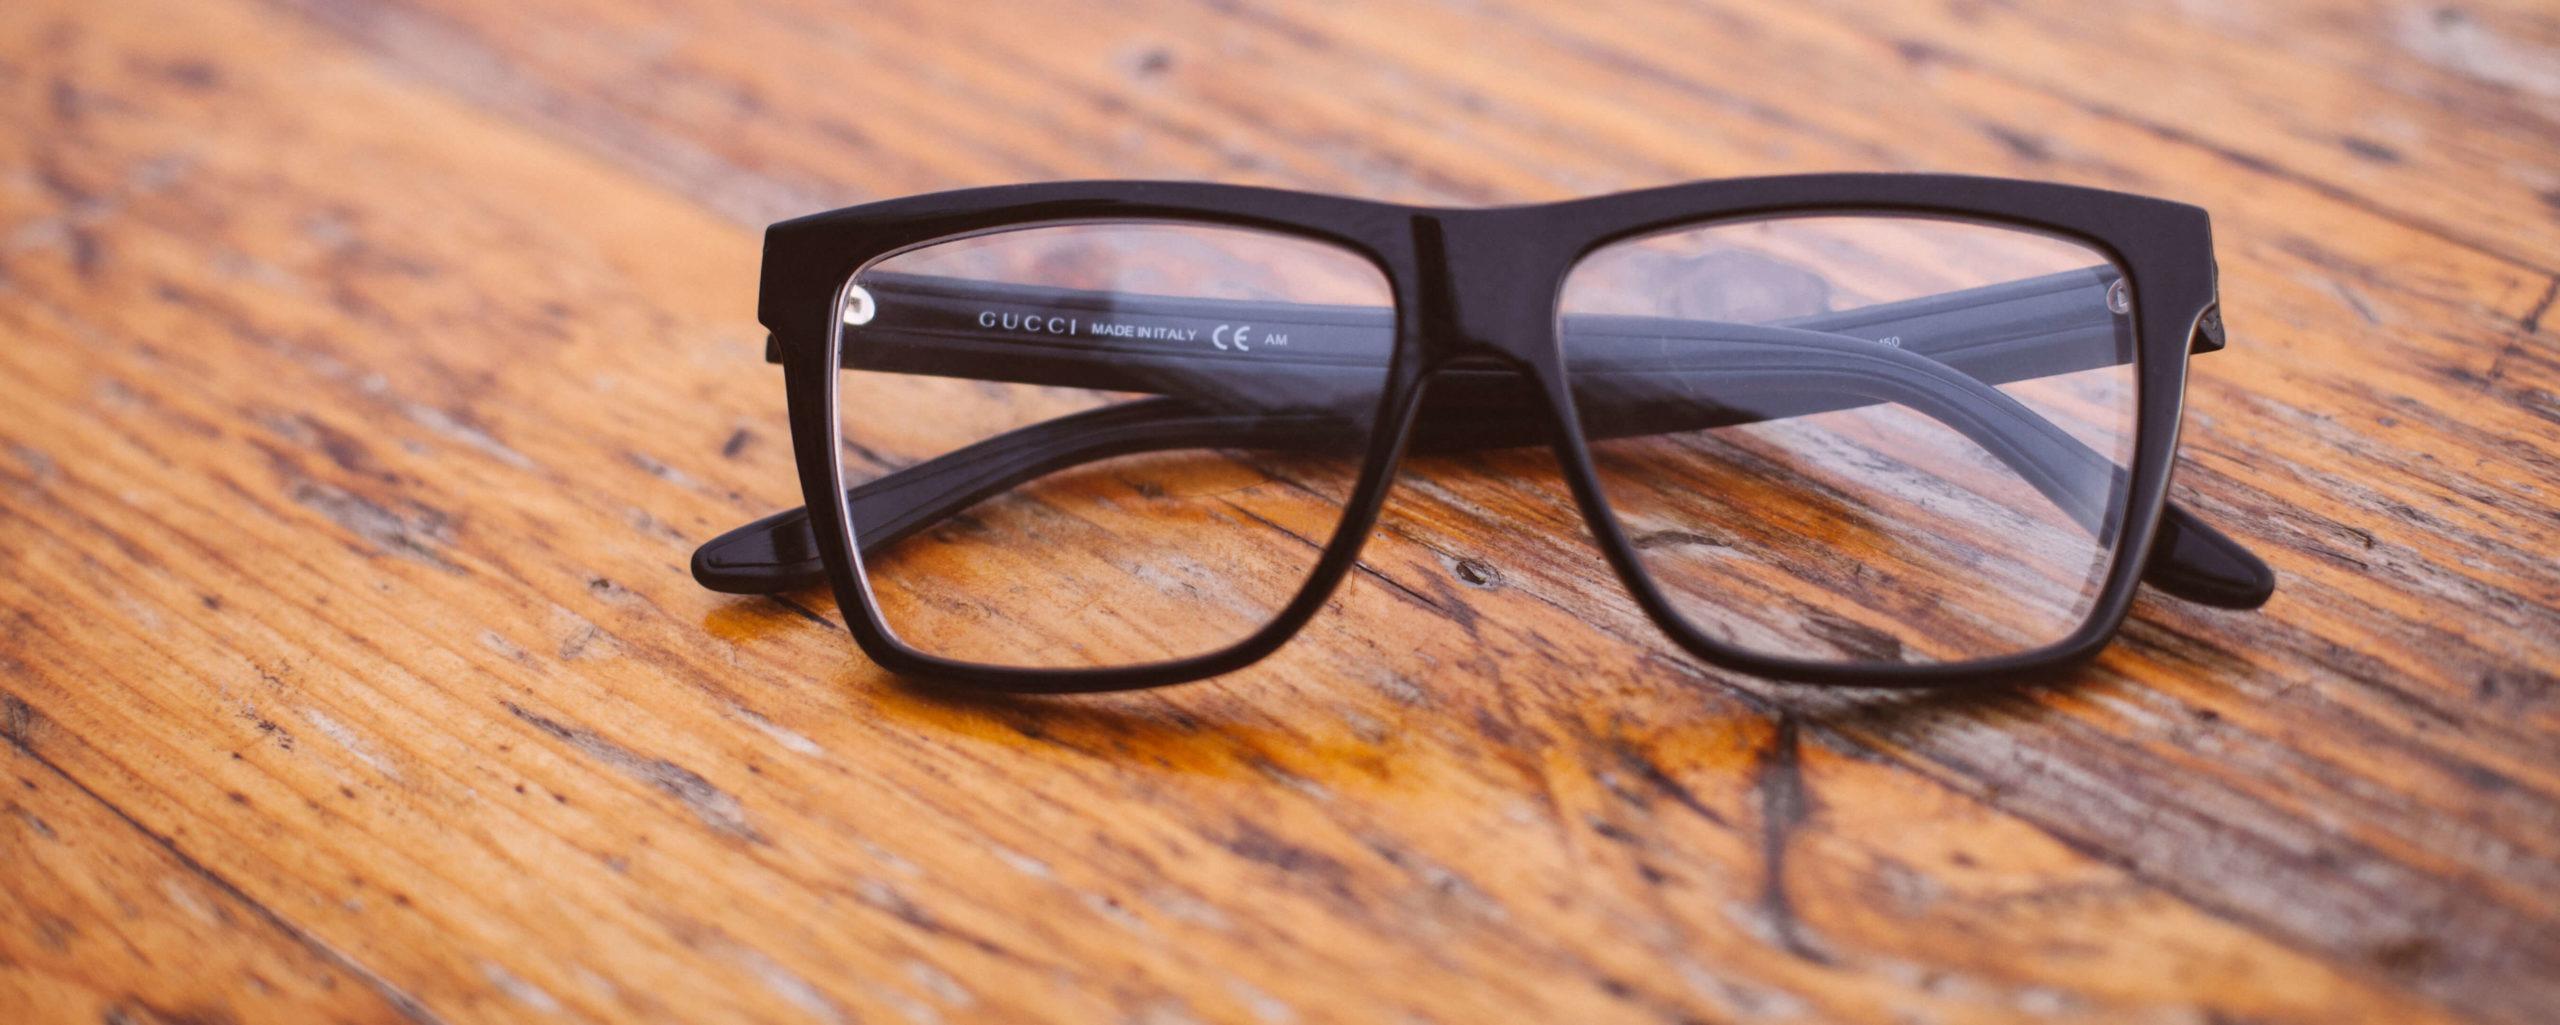 Brille-Pexels